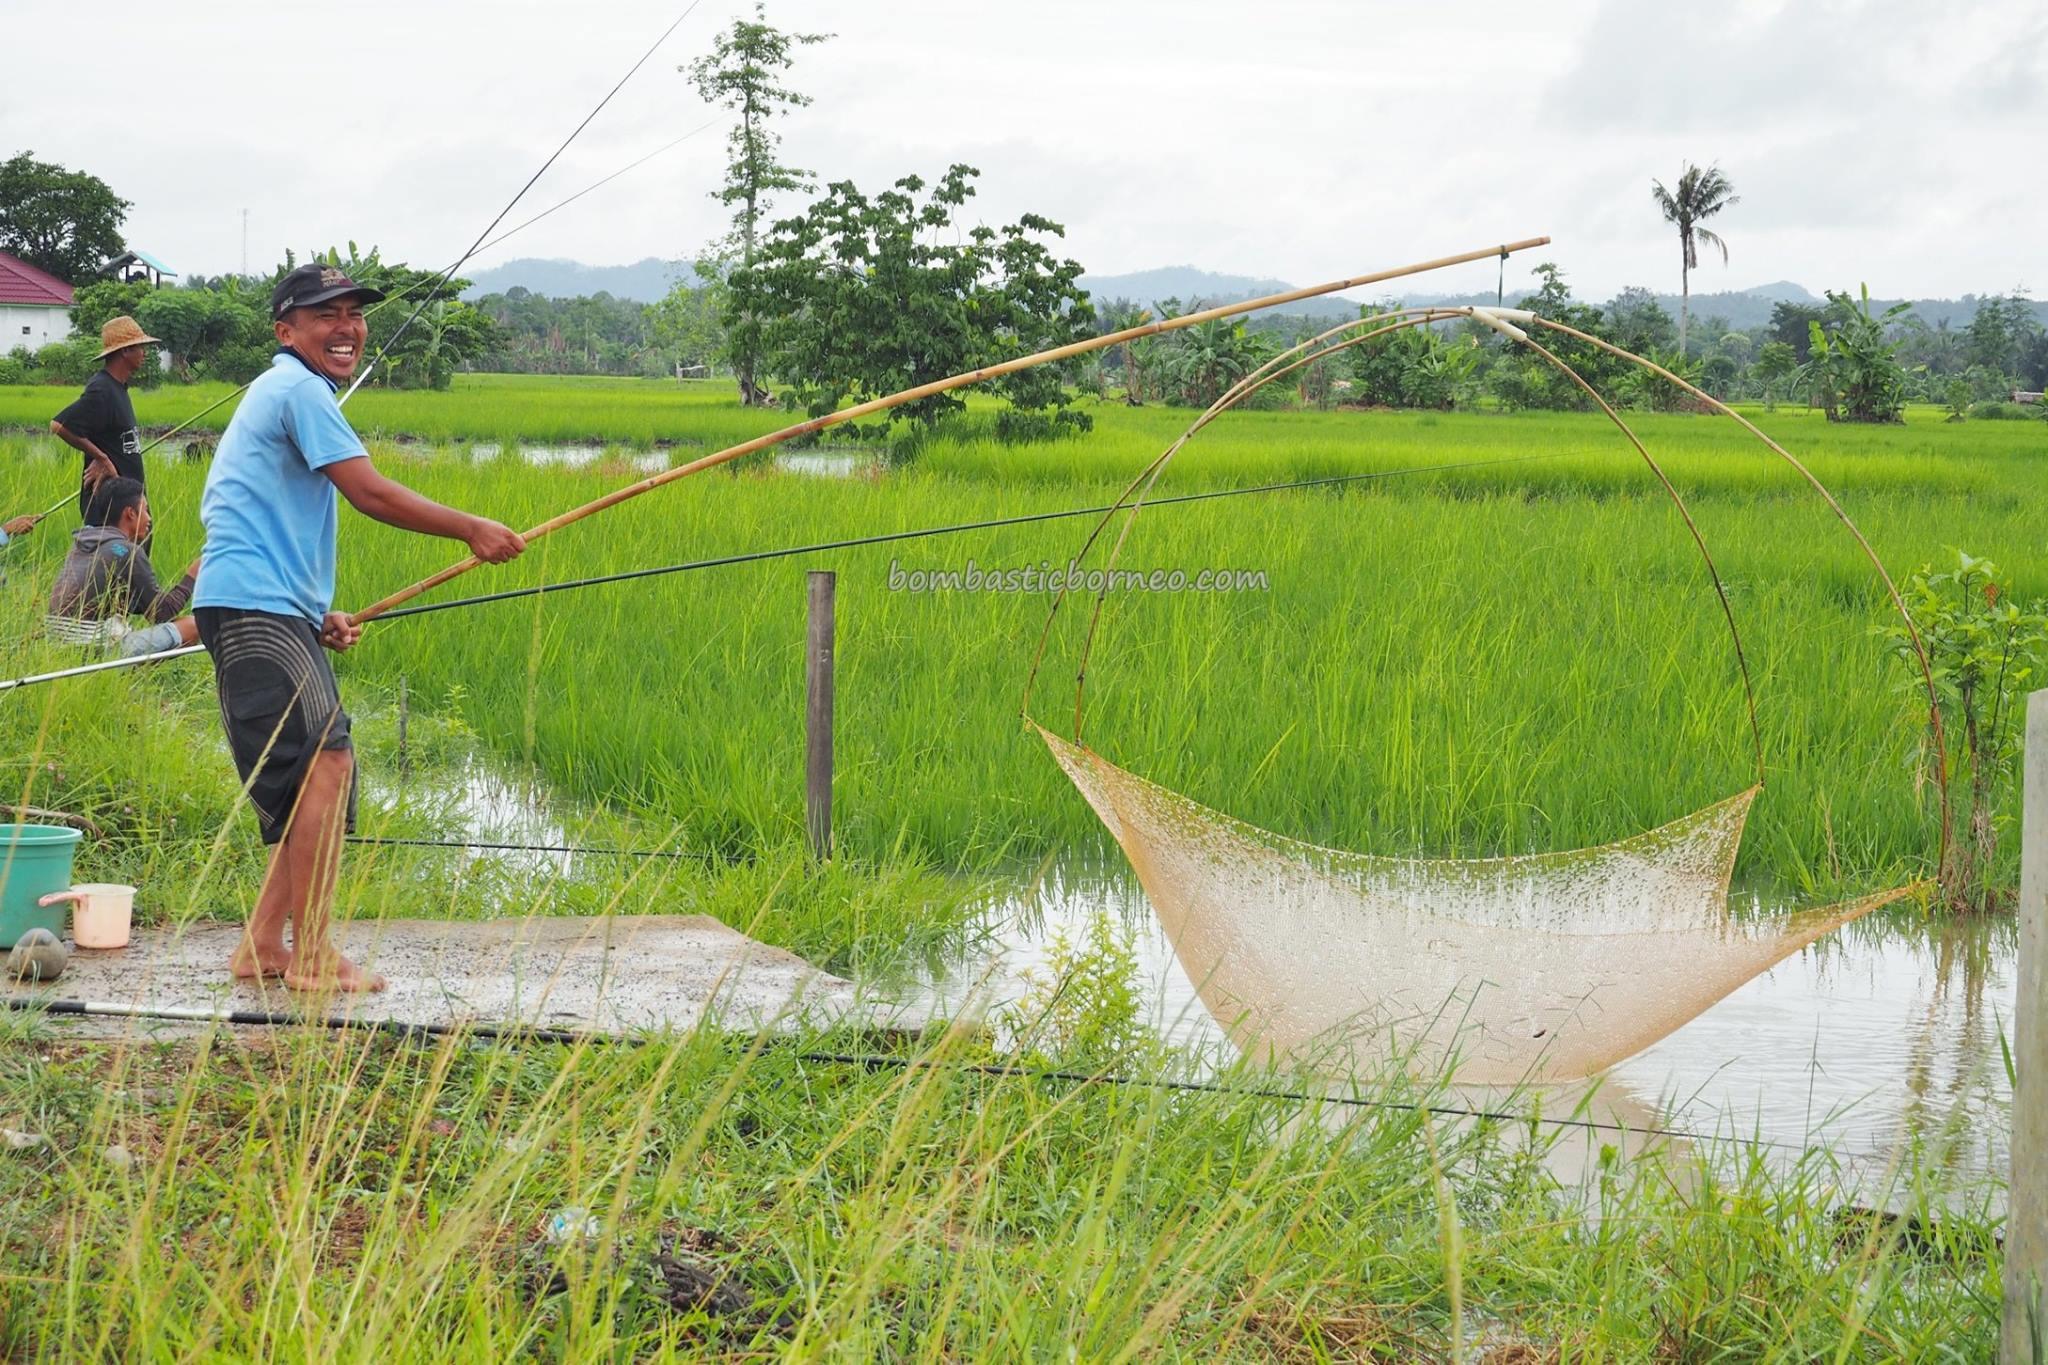 Paddy Fields (Sawah Padi) at Kandangan, Hulu Sungai